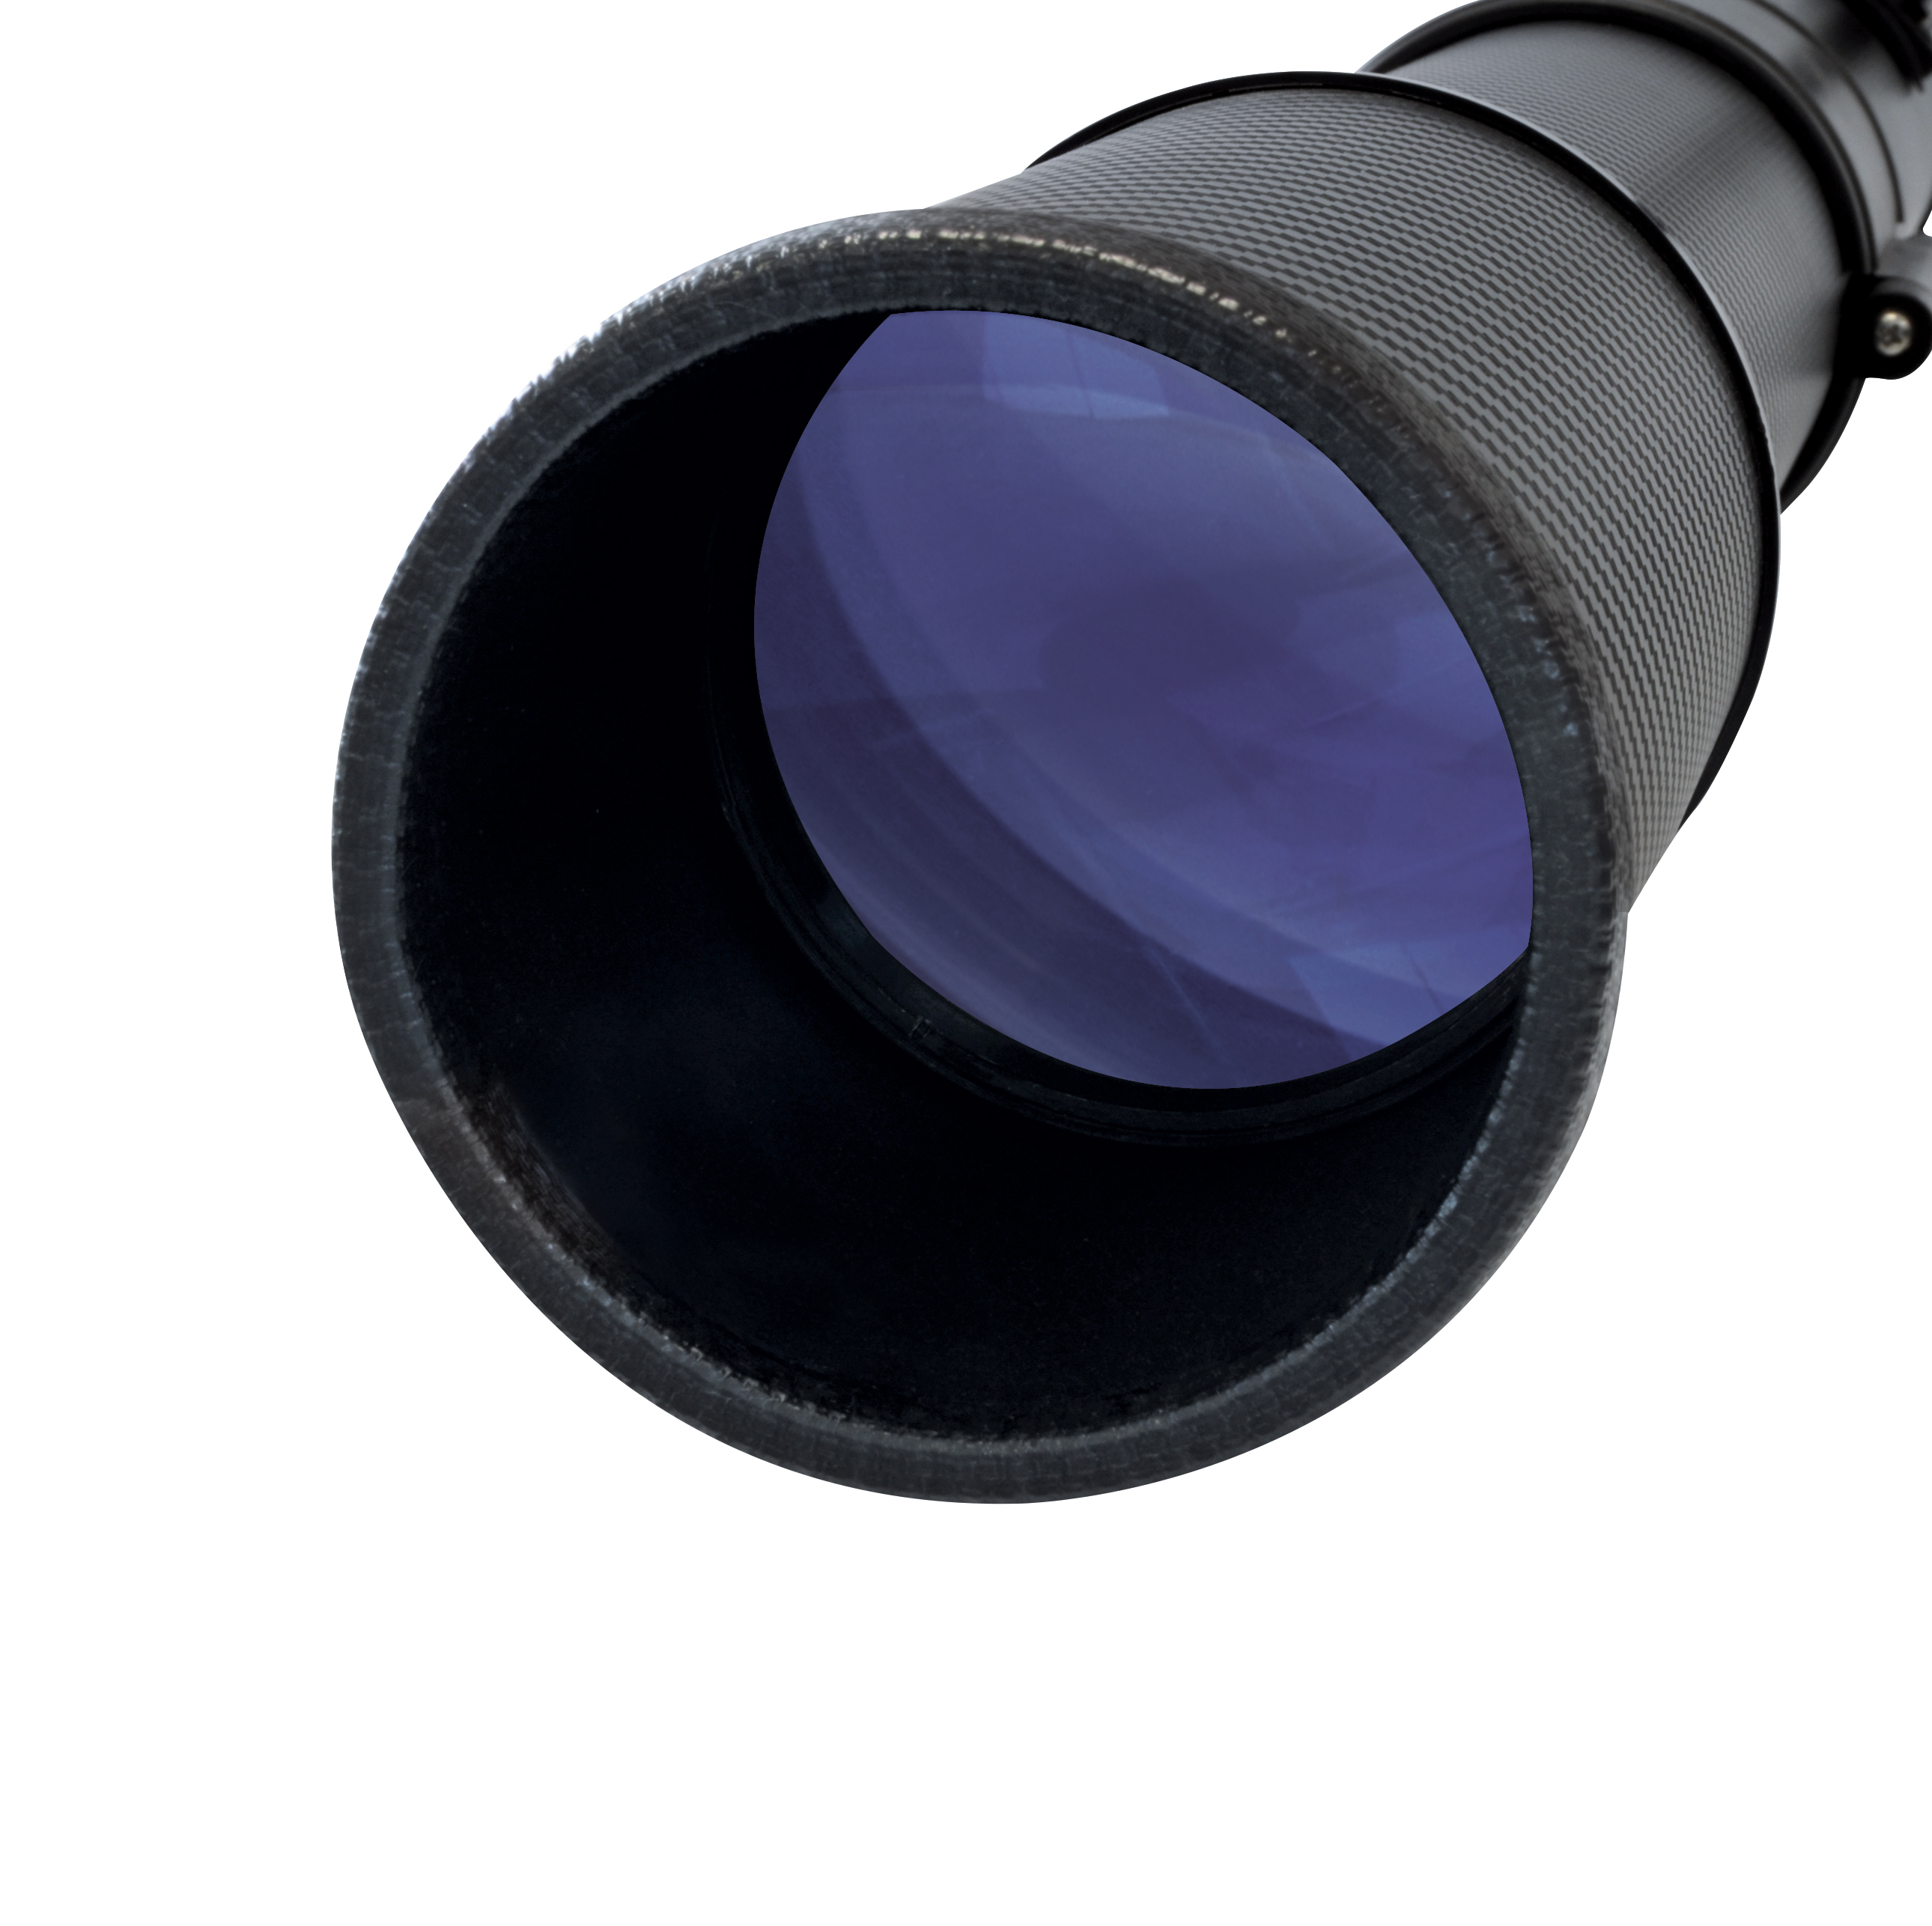 BRESSER Taurus 90 500 NG - Lunette astronomique avec Adaptateur pour  Smartphone. Bresser · Catalogue Online 0c4ba931648a